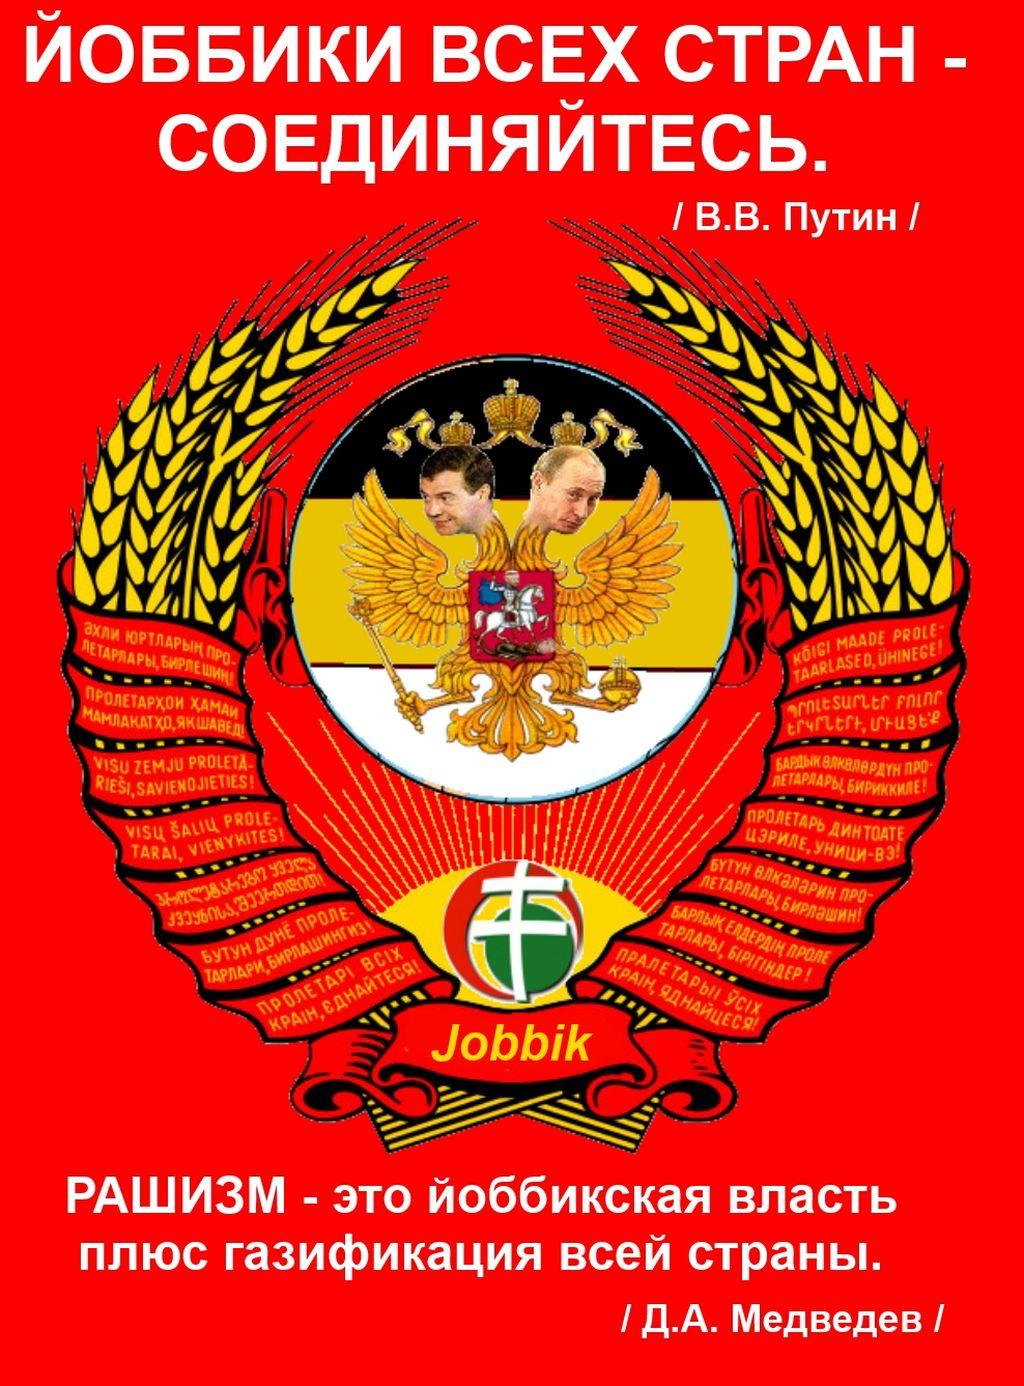 МИД опротестовал денонсацию соглашений по ЧФ и напомнил России о Венской конвенции - Цензор.НЕТ 6027